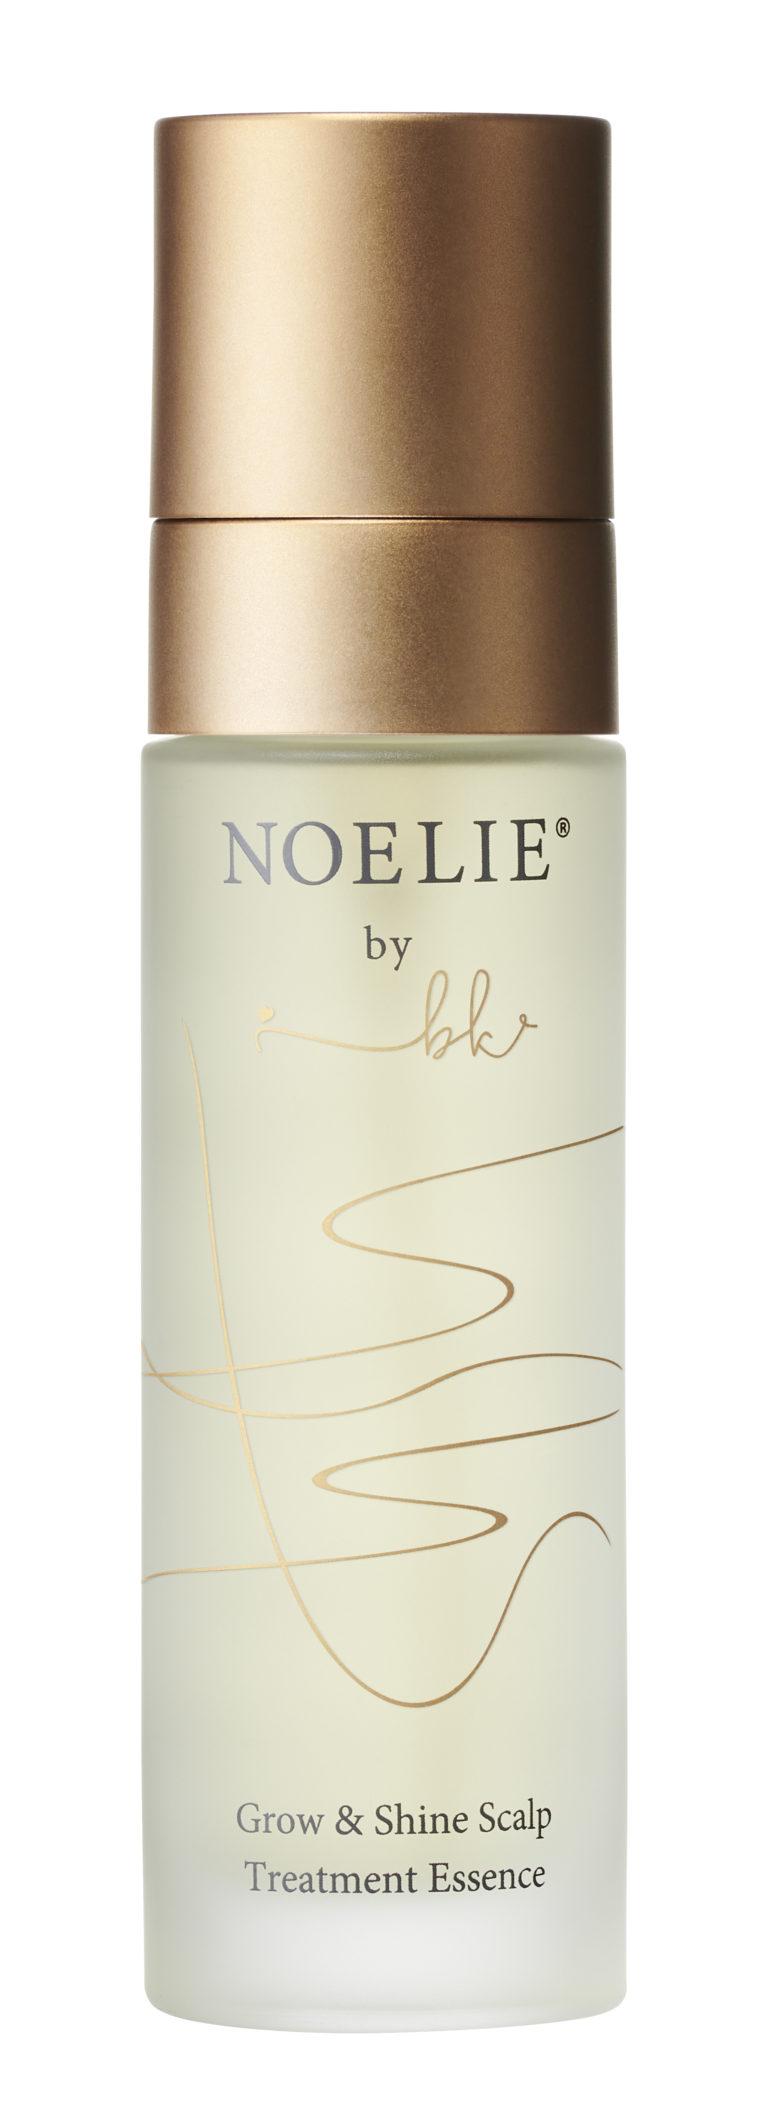 Grow & Shine Scalp Treatment Essence von Noelie